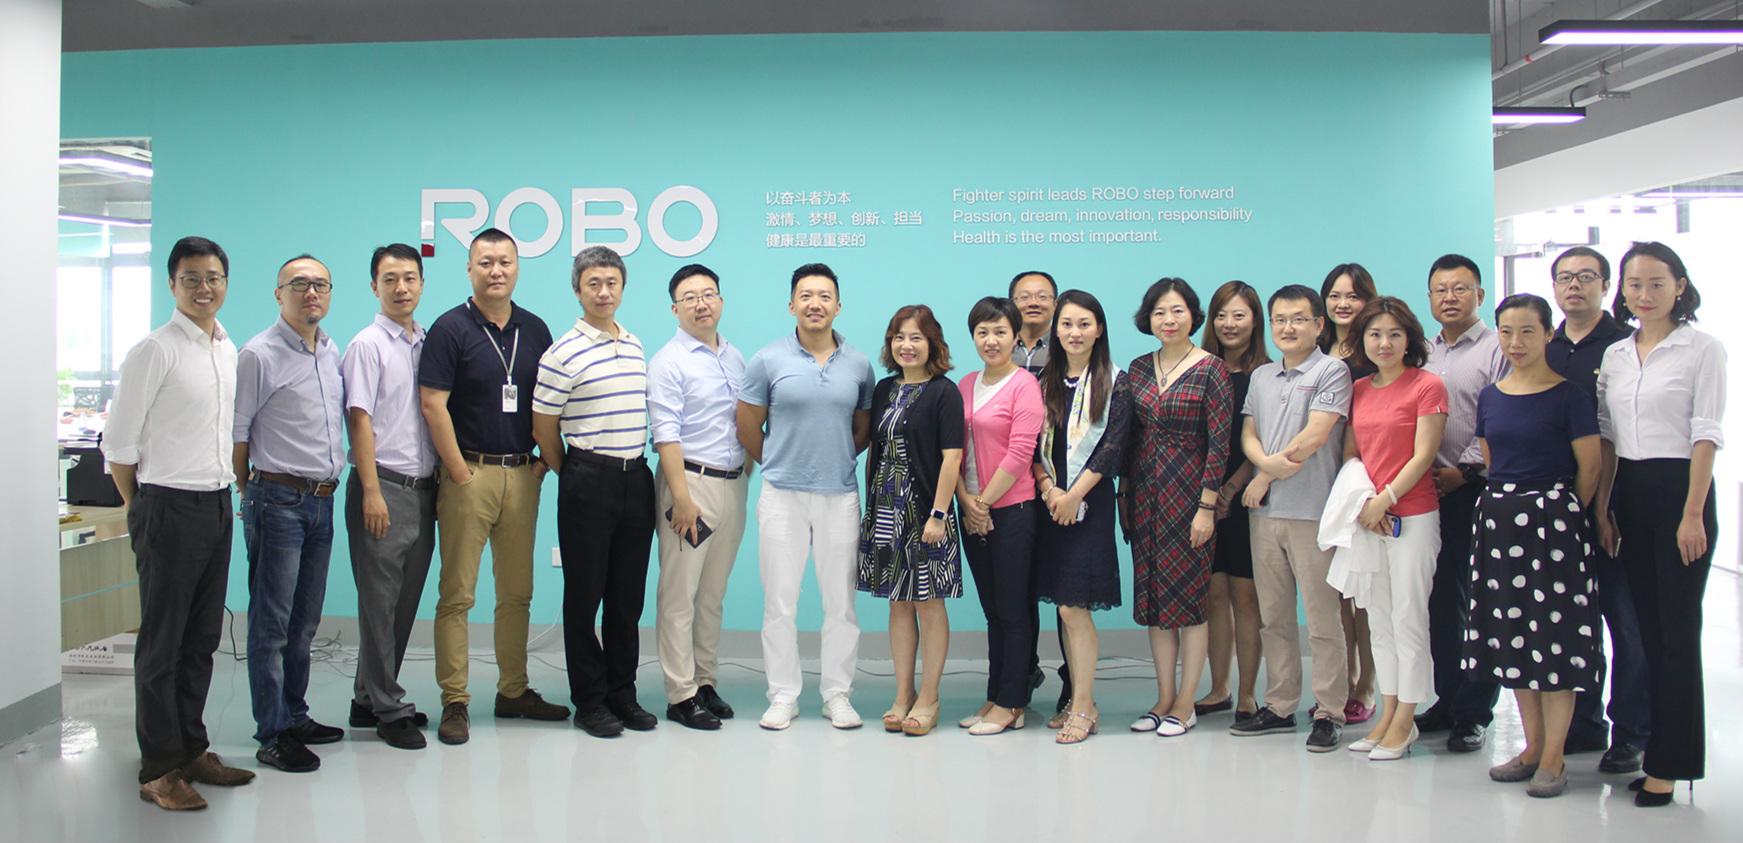 阿斯利康消化及全产品拓展事业部到访ROBO医疗考察交流